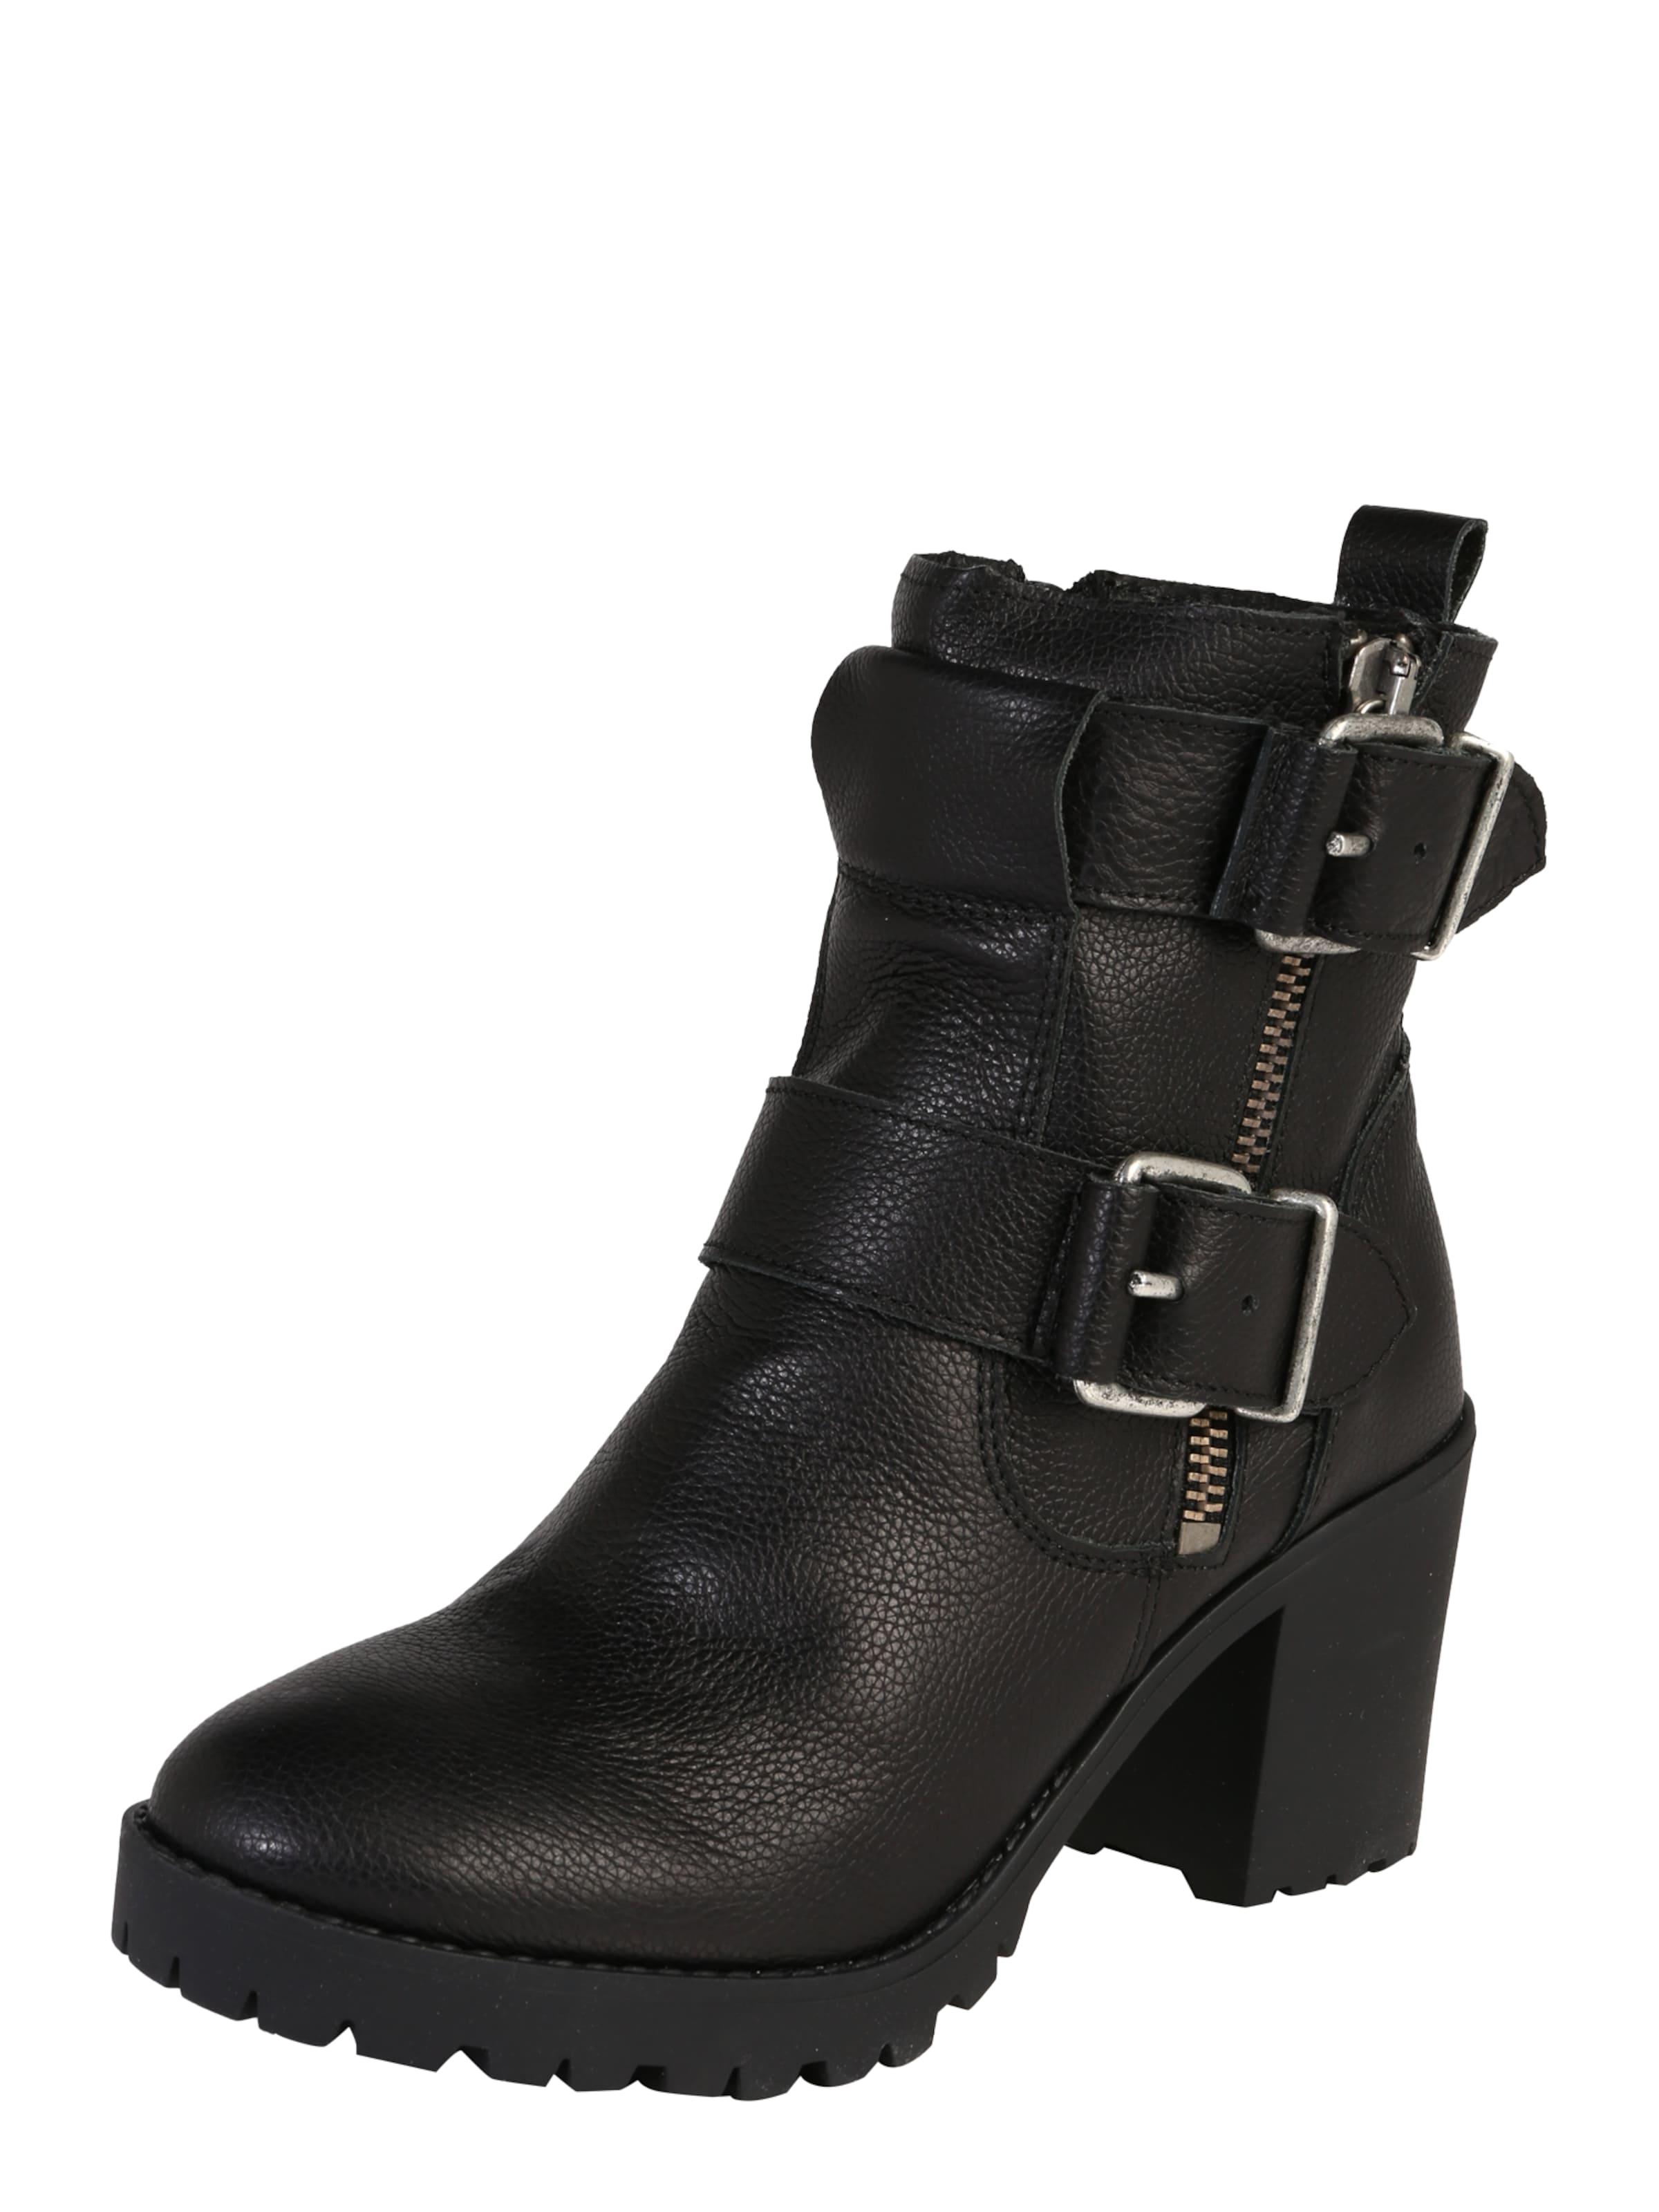 ABOUT YOU Stiefelette MIKA Verschleißfeste billige Schuhe